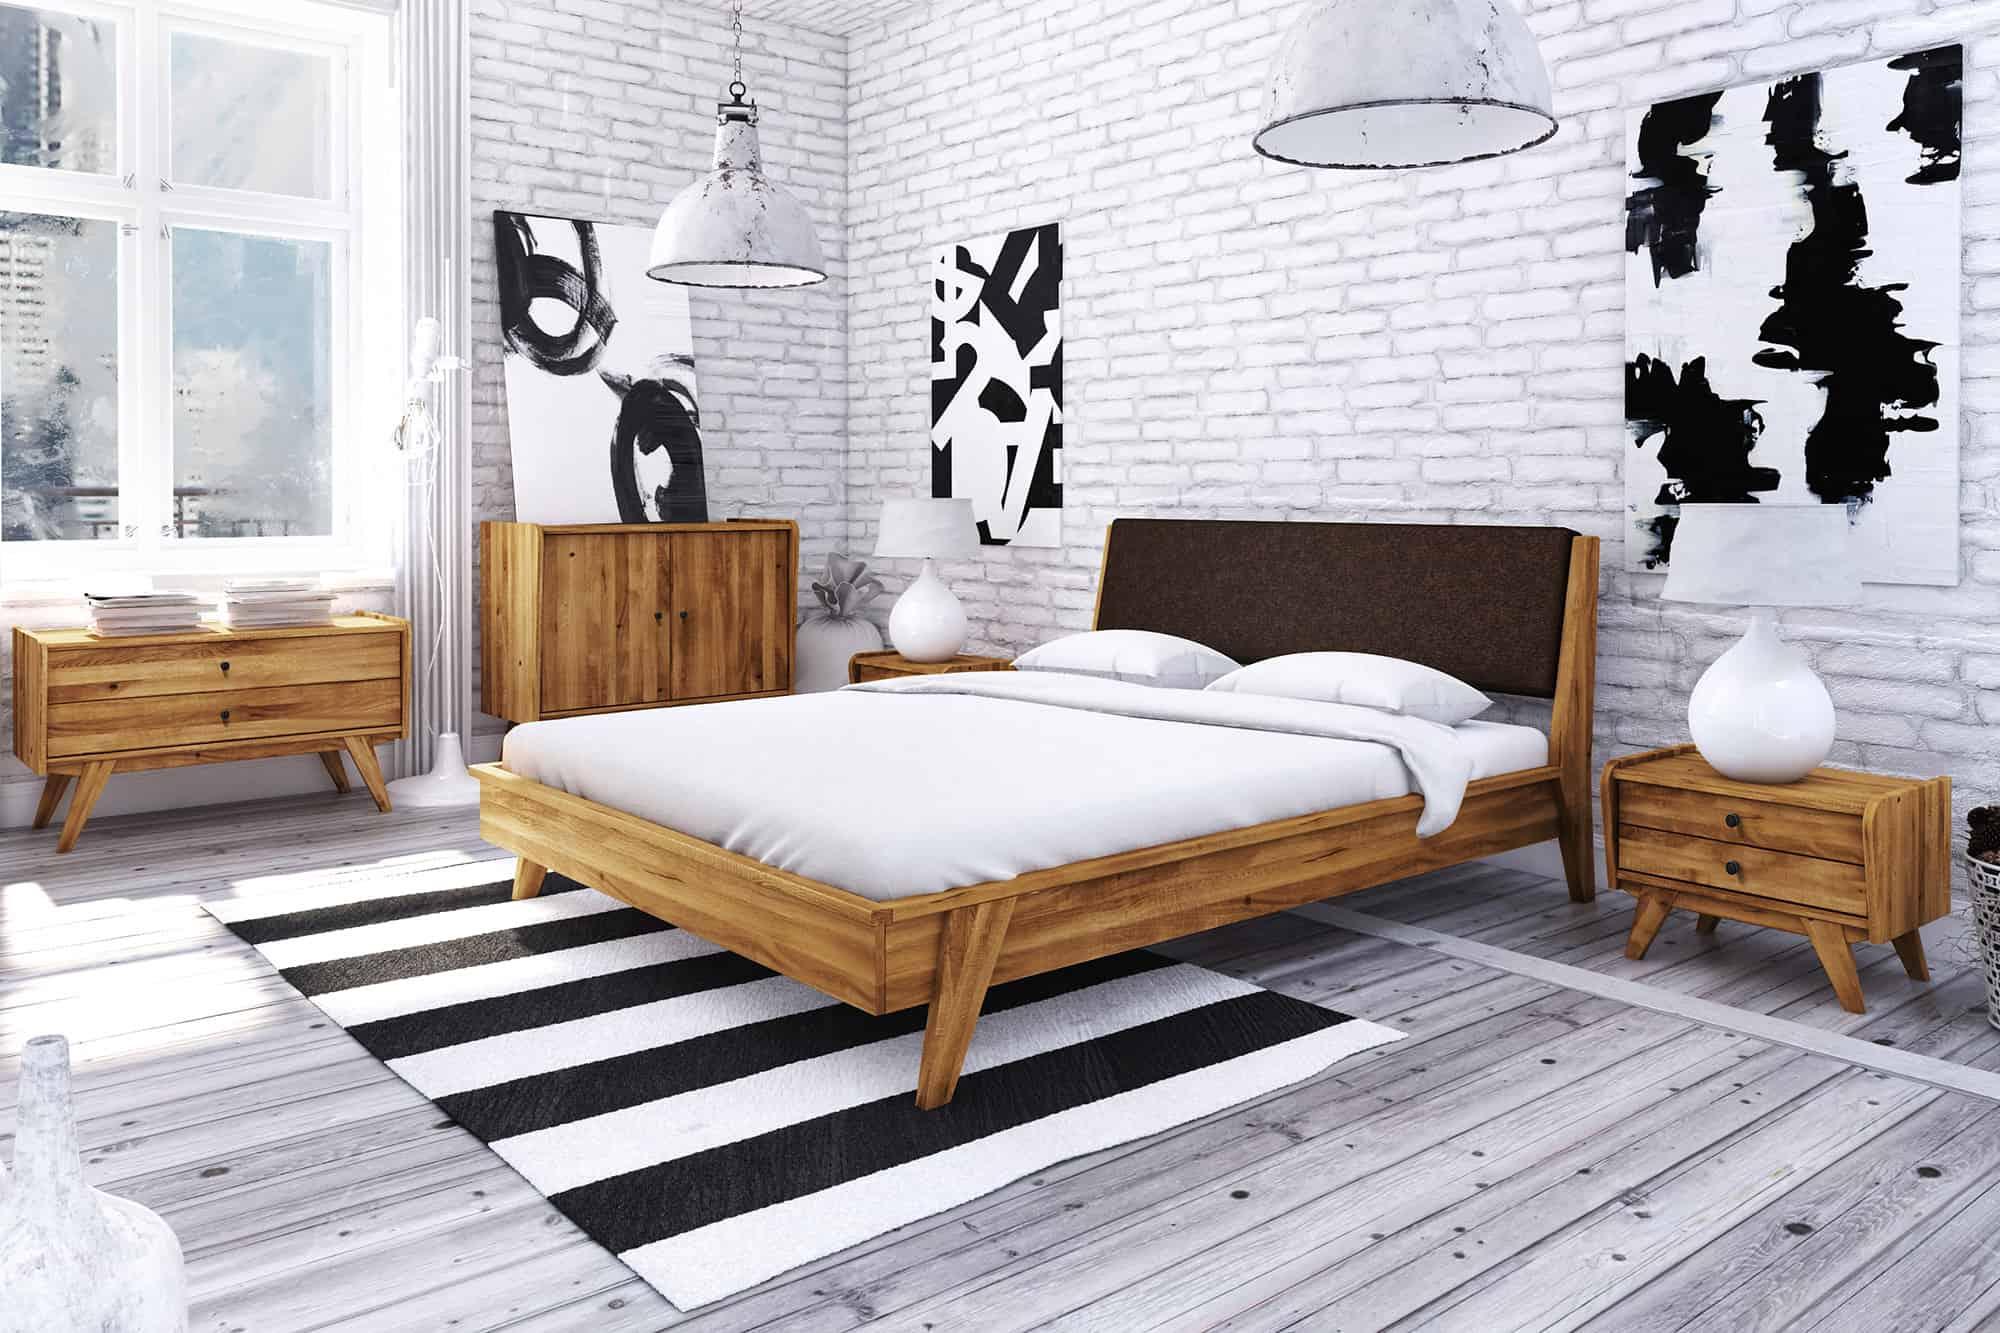 Zdjęcie 3 - RETRO - Kolekcja mebli do sypialni z drewna litego